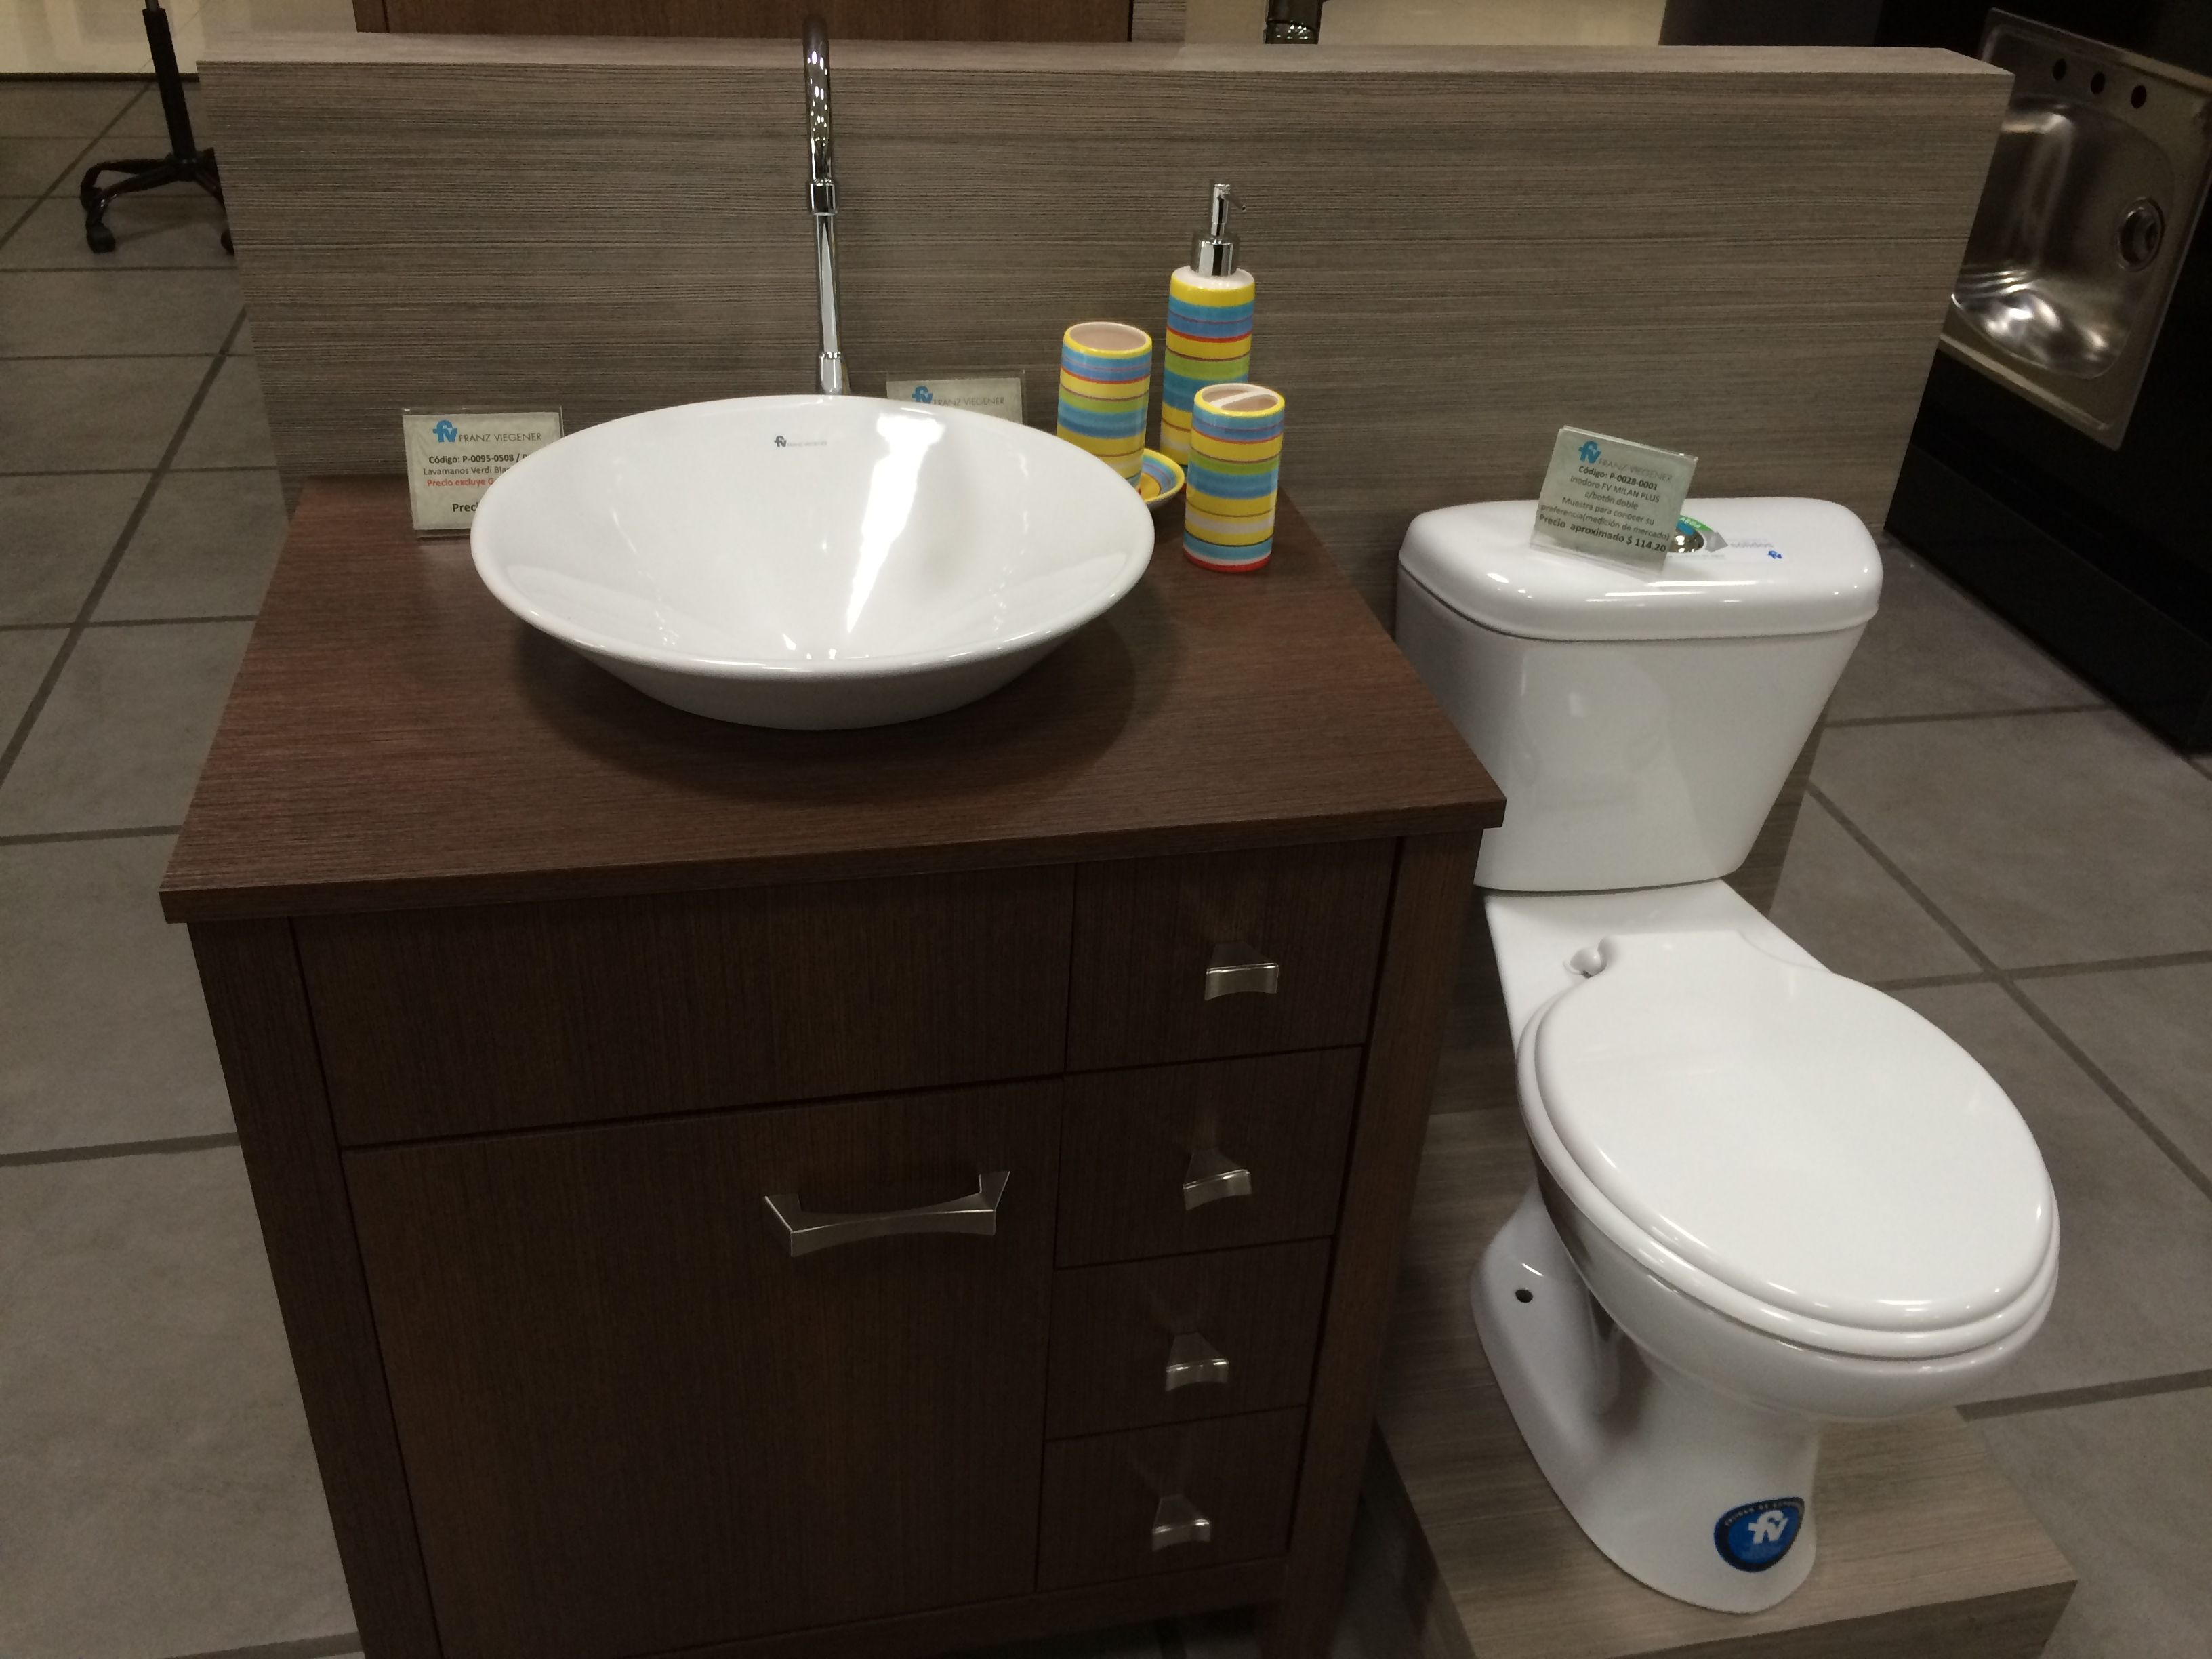 Otra idea de u moderno mueble de ba o adem s tandor - Banos sencillos y modernos ...